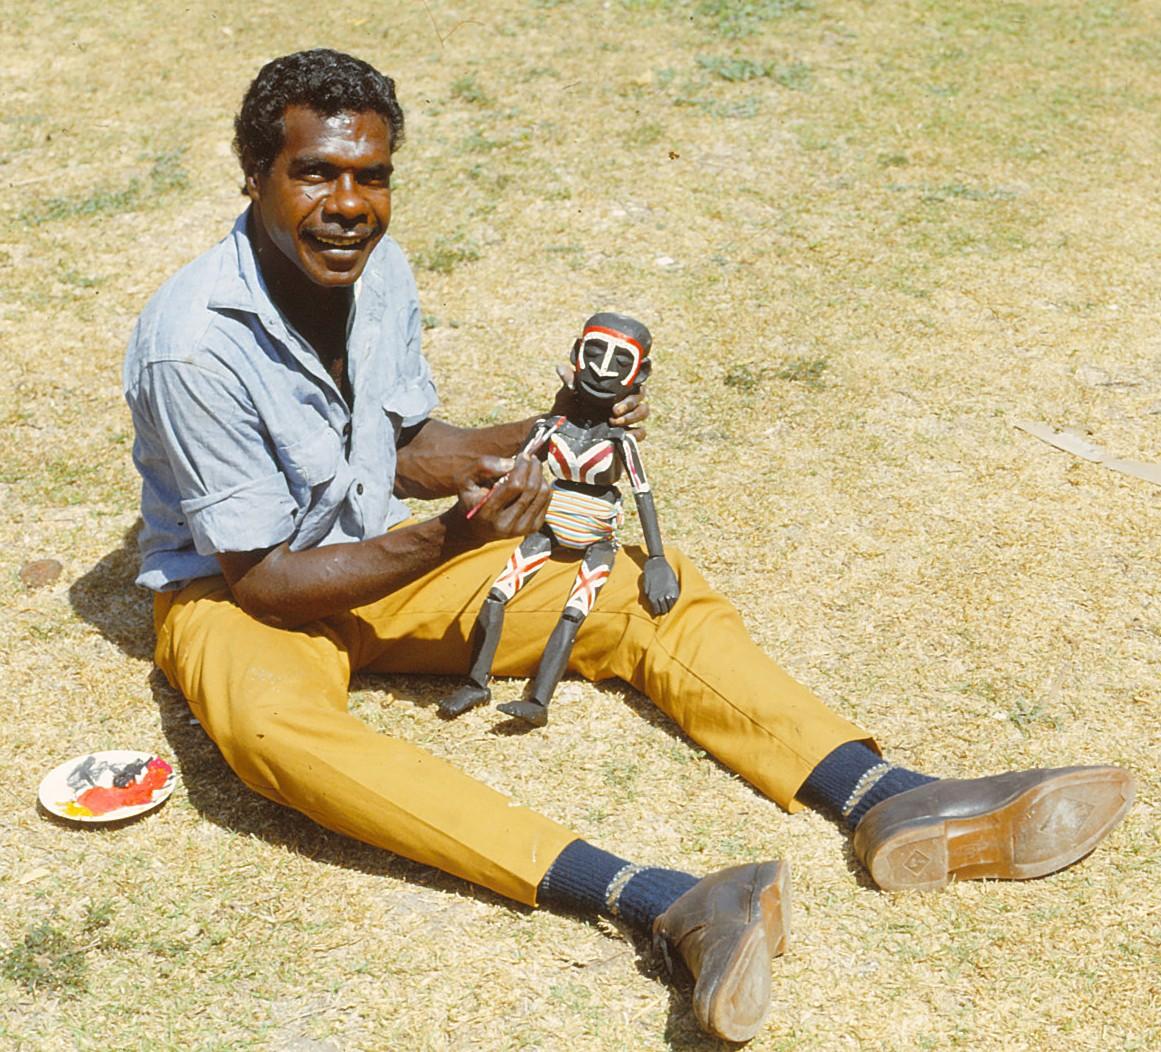 Bobby Lane ave<em>c</em> sa marionnette (vers 1968, Maningrida, Territoire du Nord, Australie). Photo réproduite avec l'aimable autorisation de Margaret Wallace